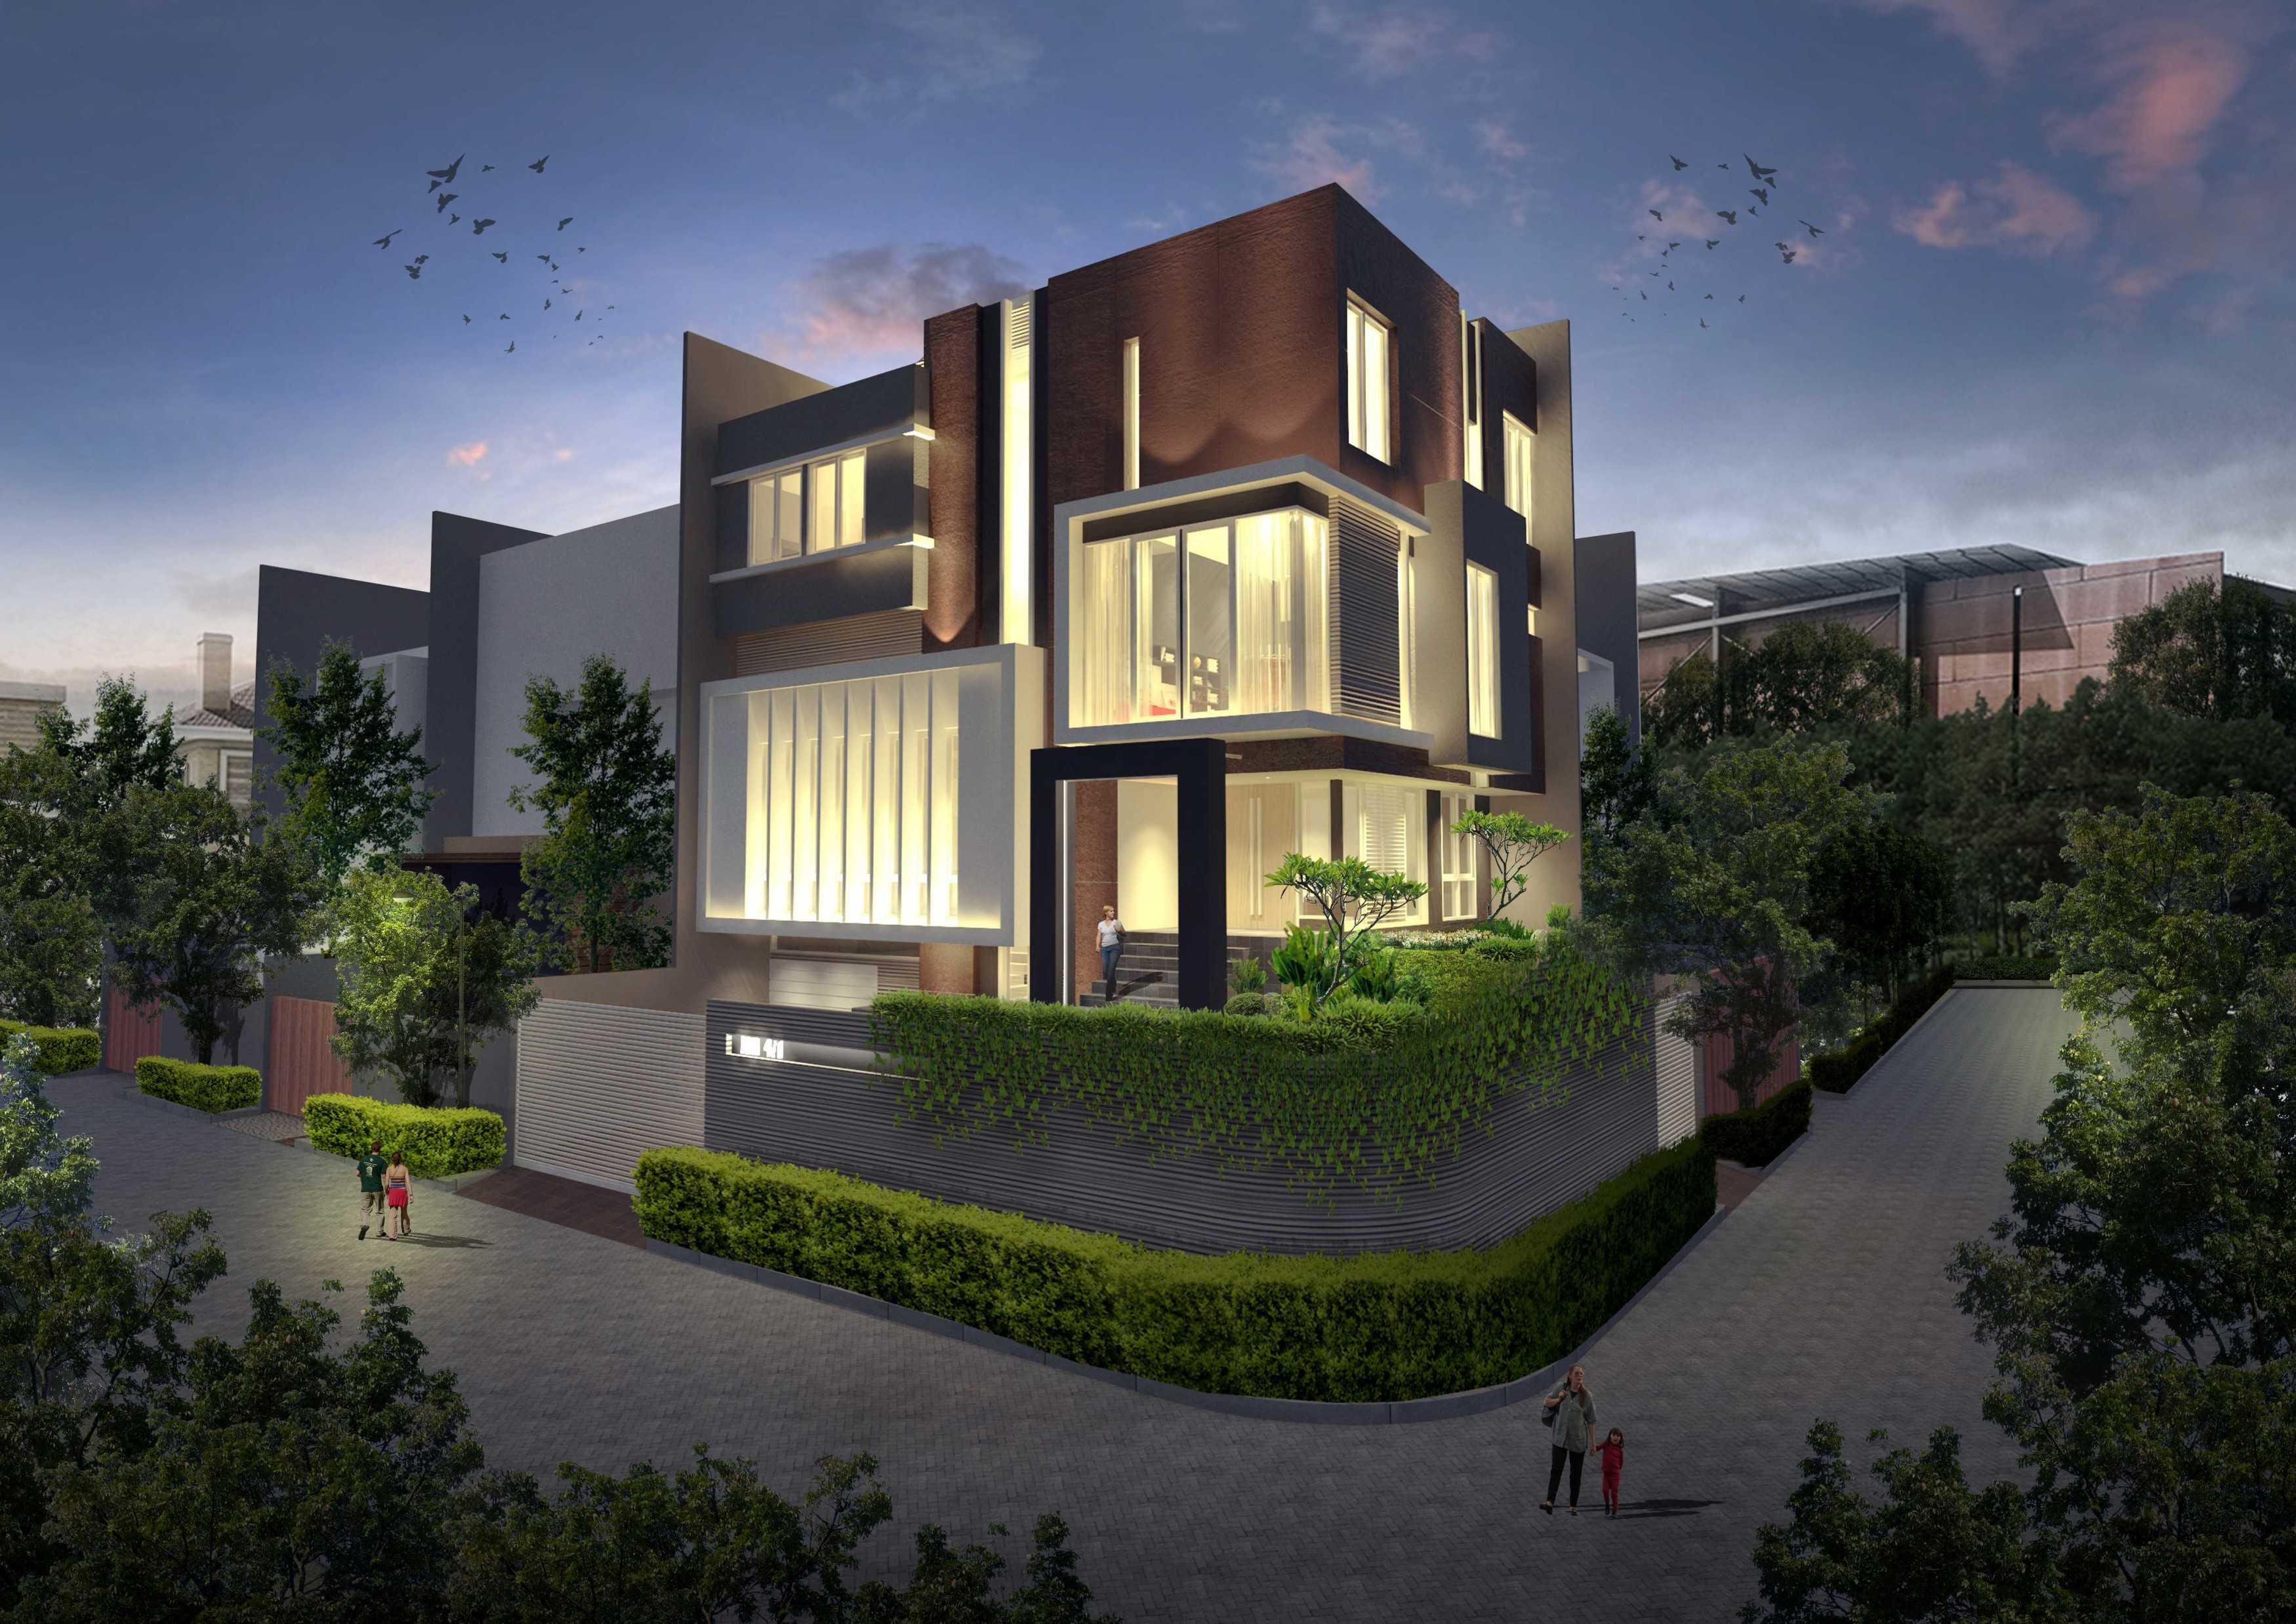 Tataruang Architects Ww House Klp. Gading, Kota Jkt Utara, Daerah Khusus Ibukota Jakarta, Indonesia  Tataruang-Architects-Ww-House   51585